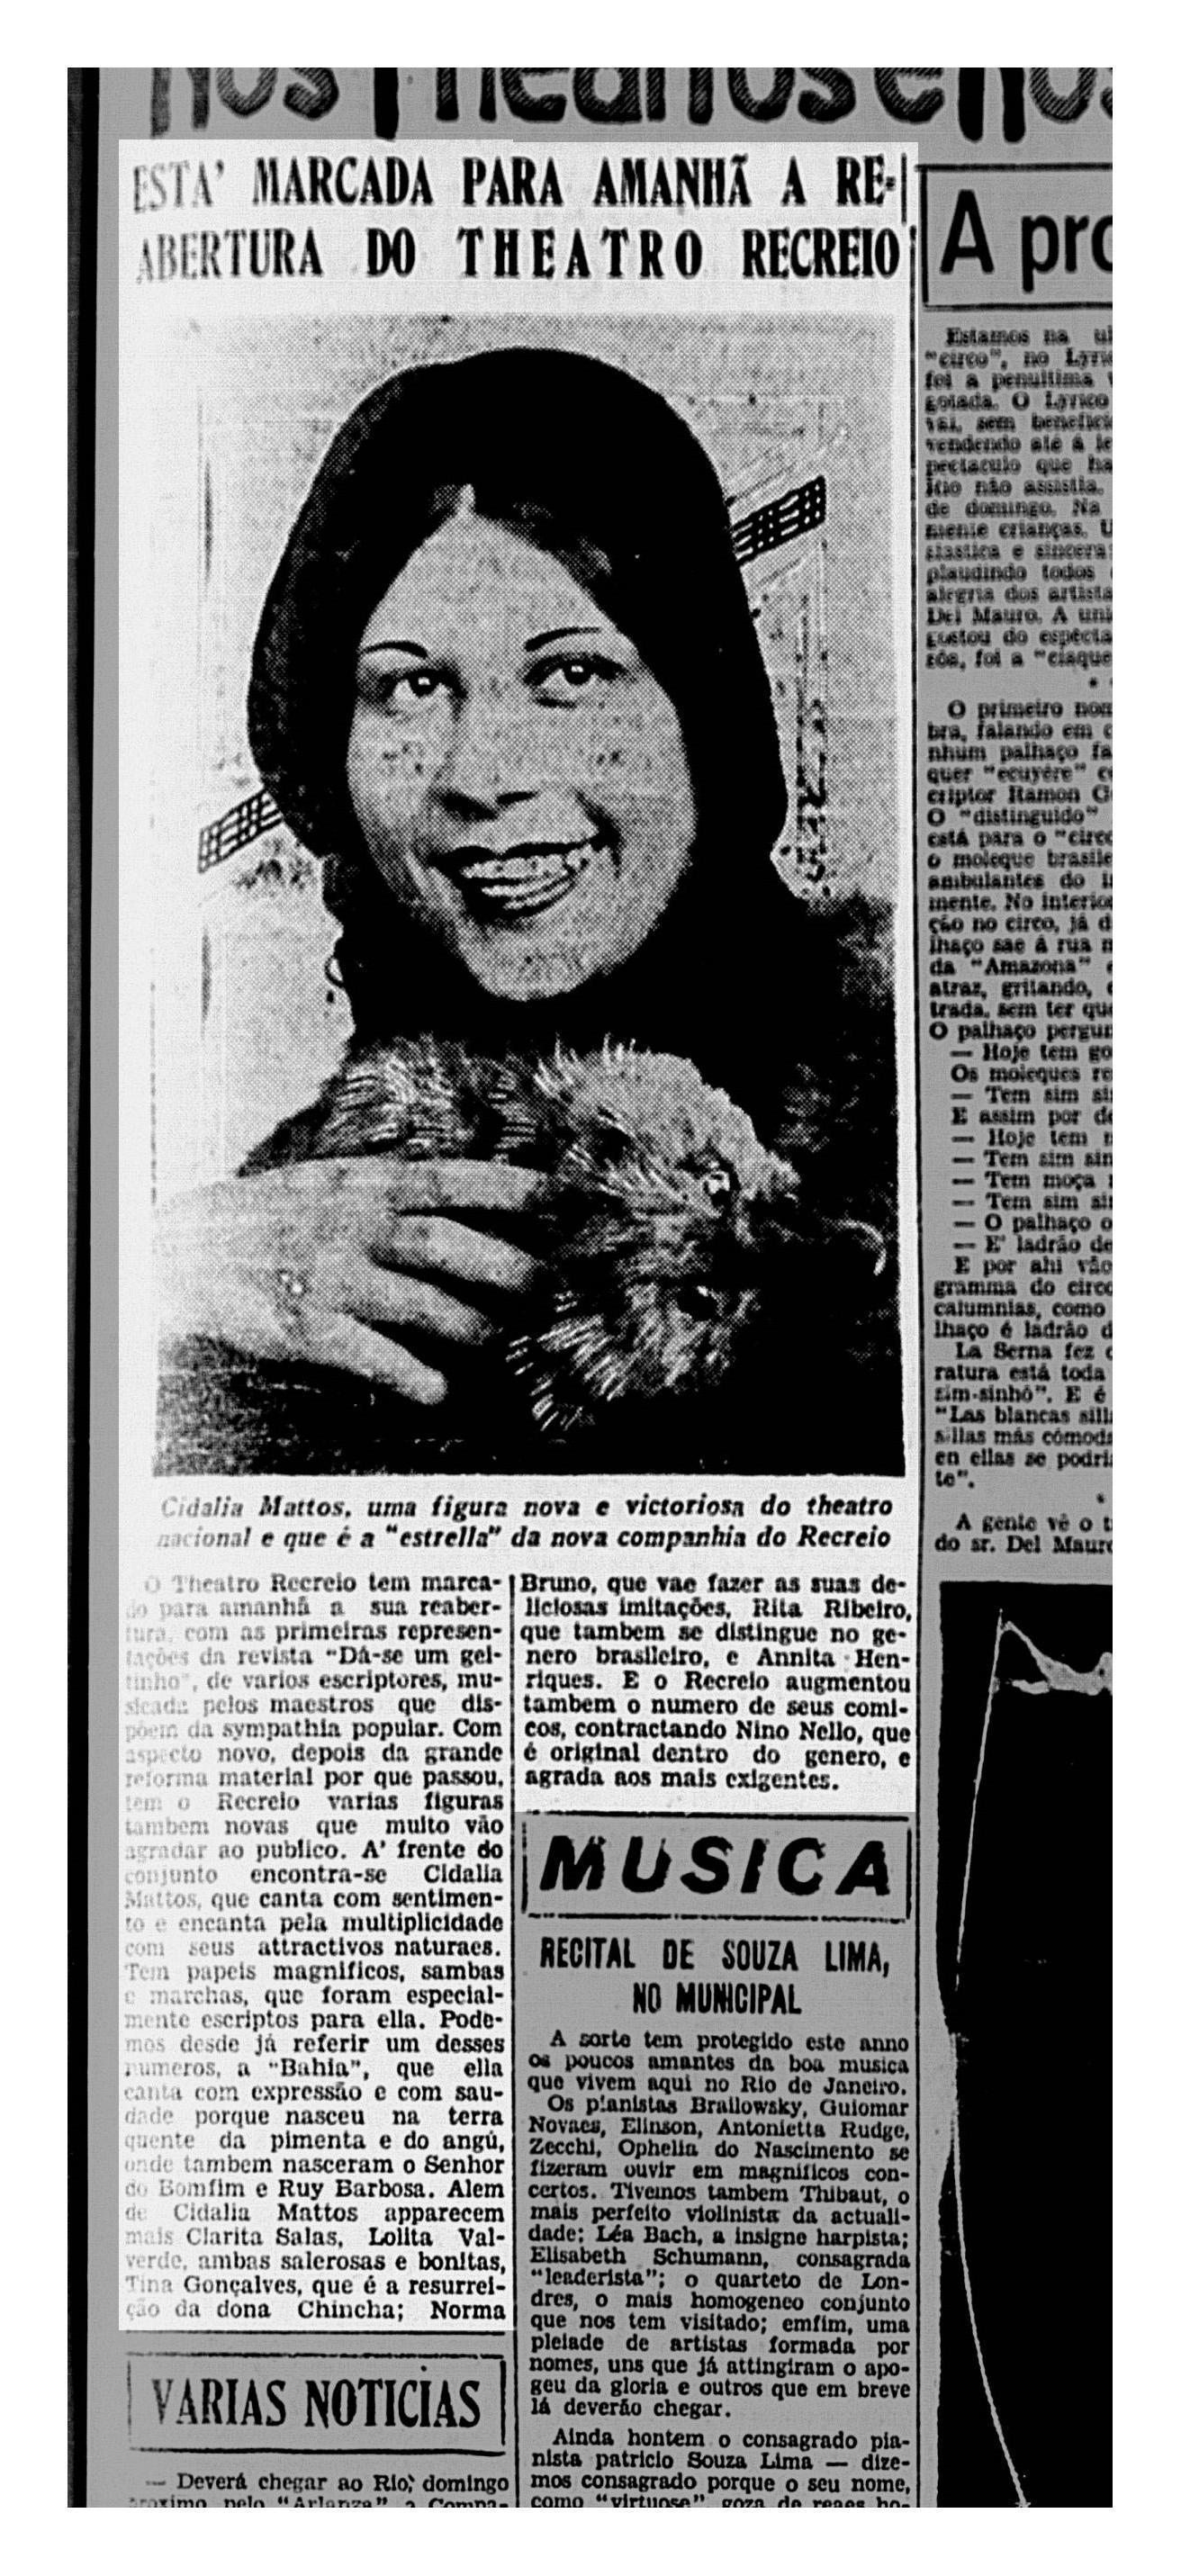 Valentina-1930-09-23_Di†rioDaNoite_RioDeJaneiro-RJ-2-copy.jpg